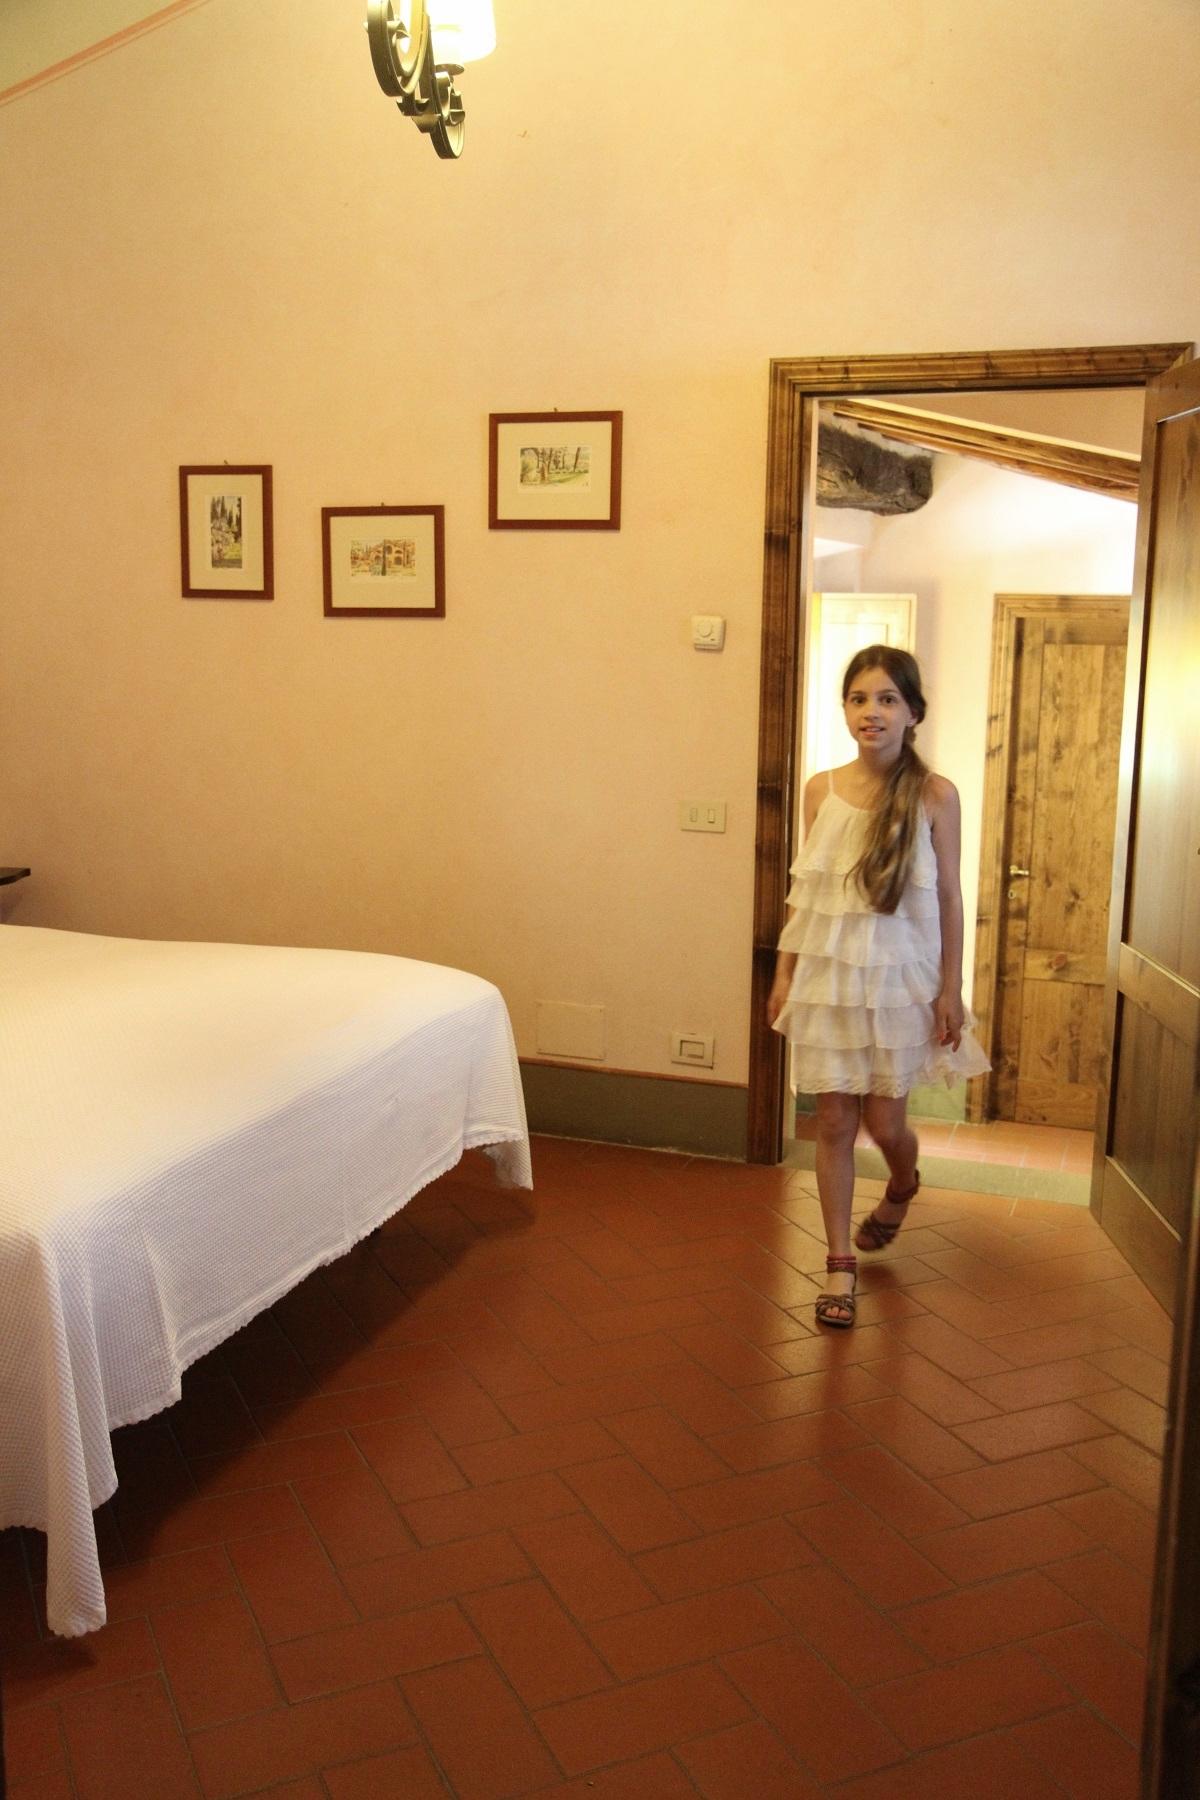 Roadtrip i toscana – villa barberino och betydelsen av en mustasch ...